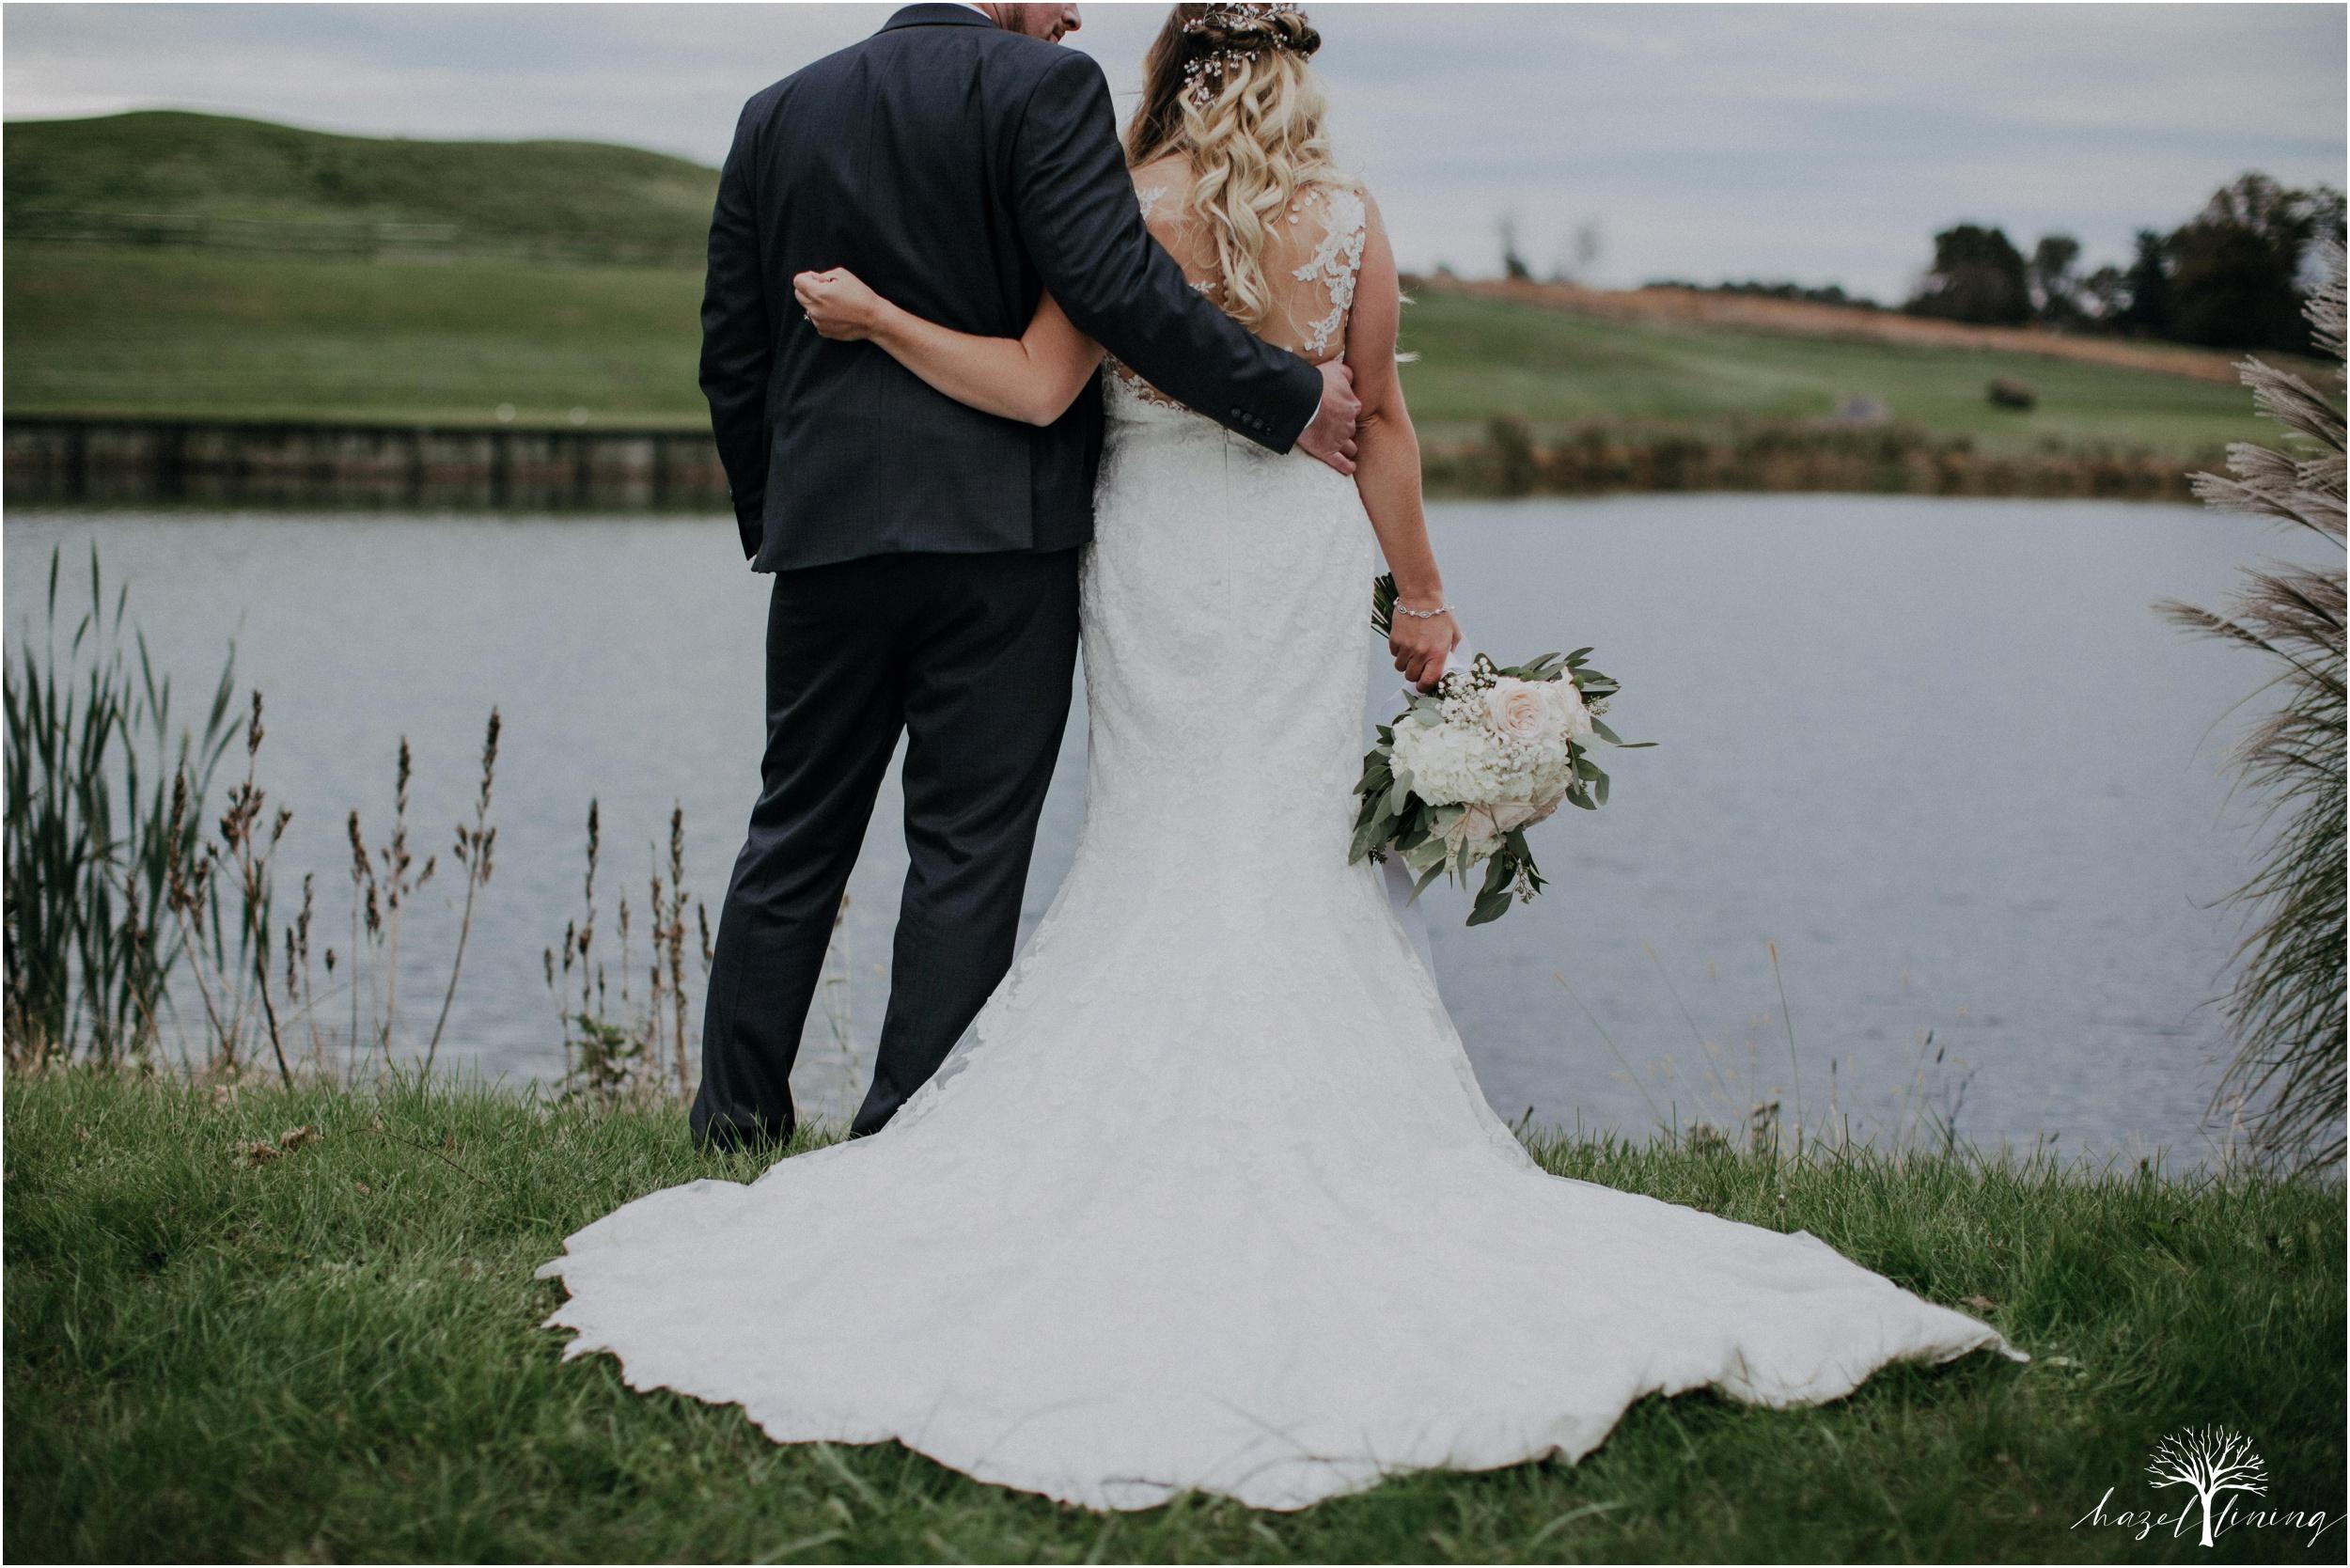 jessie-martin-zach-umlauf-olde-homestead-golfclub-outdoor-autumn-wedding_0141.jpg